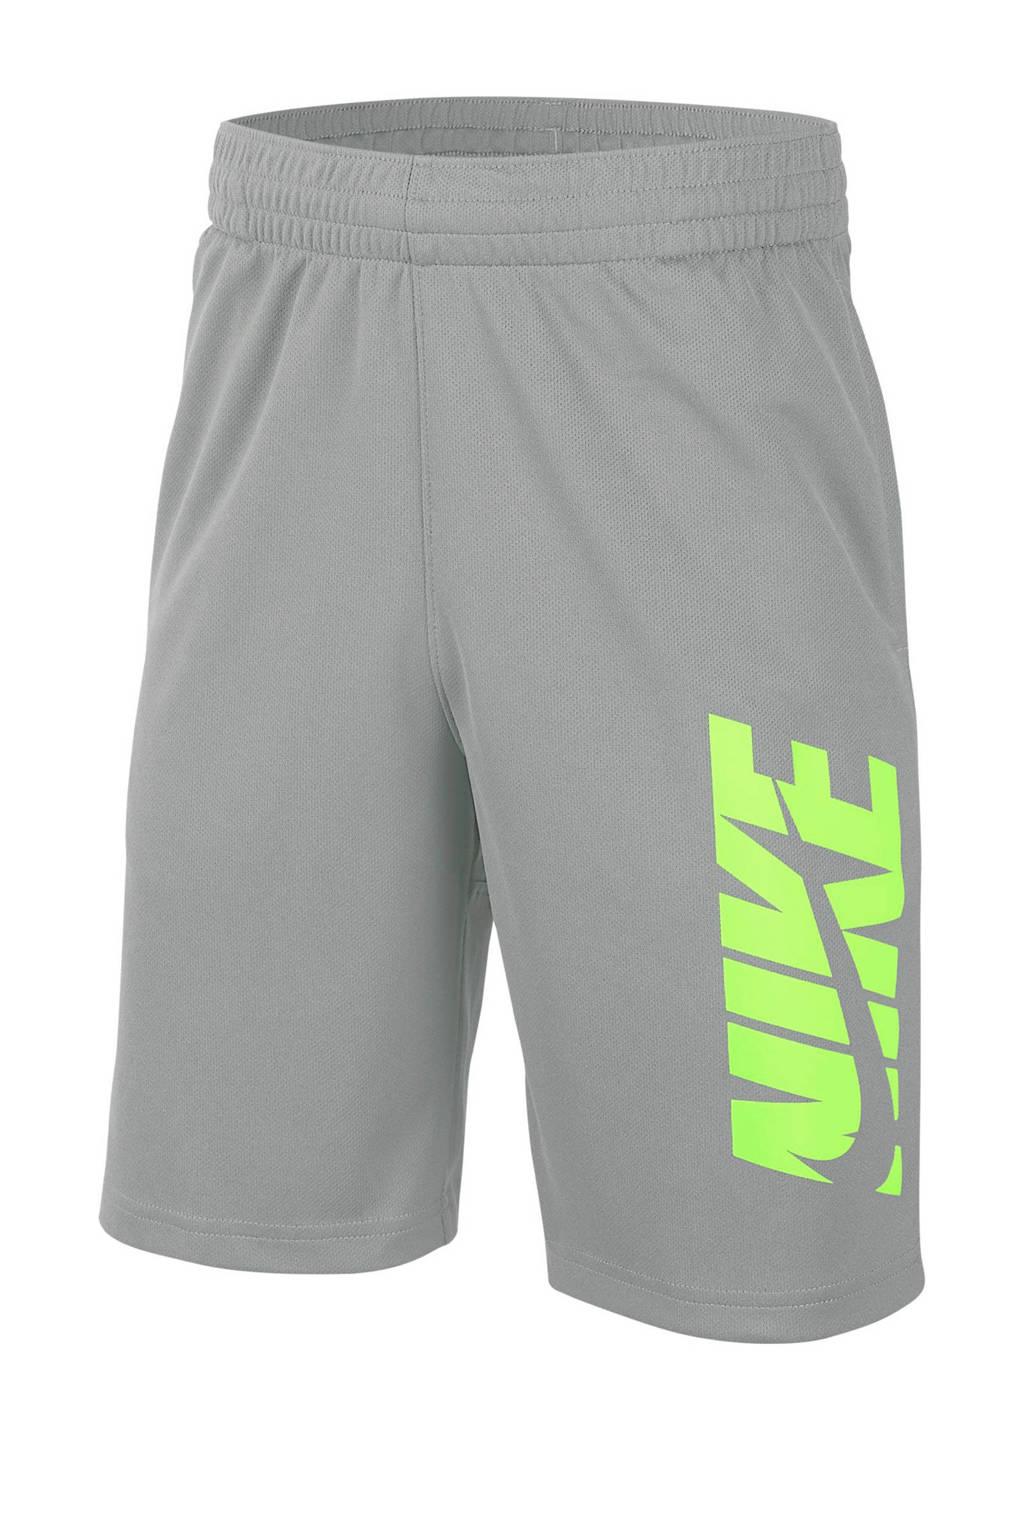 Nike   short grijs/limegroen, Grijs/limegroen